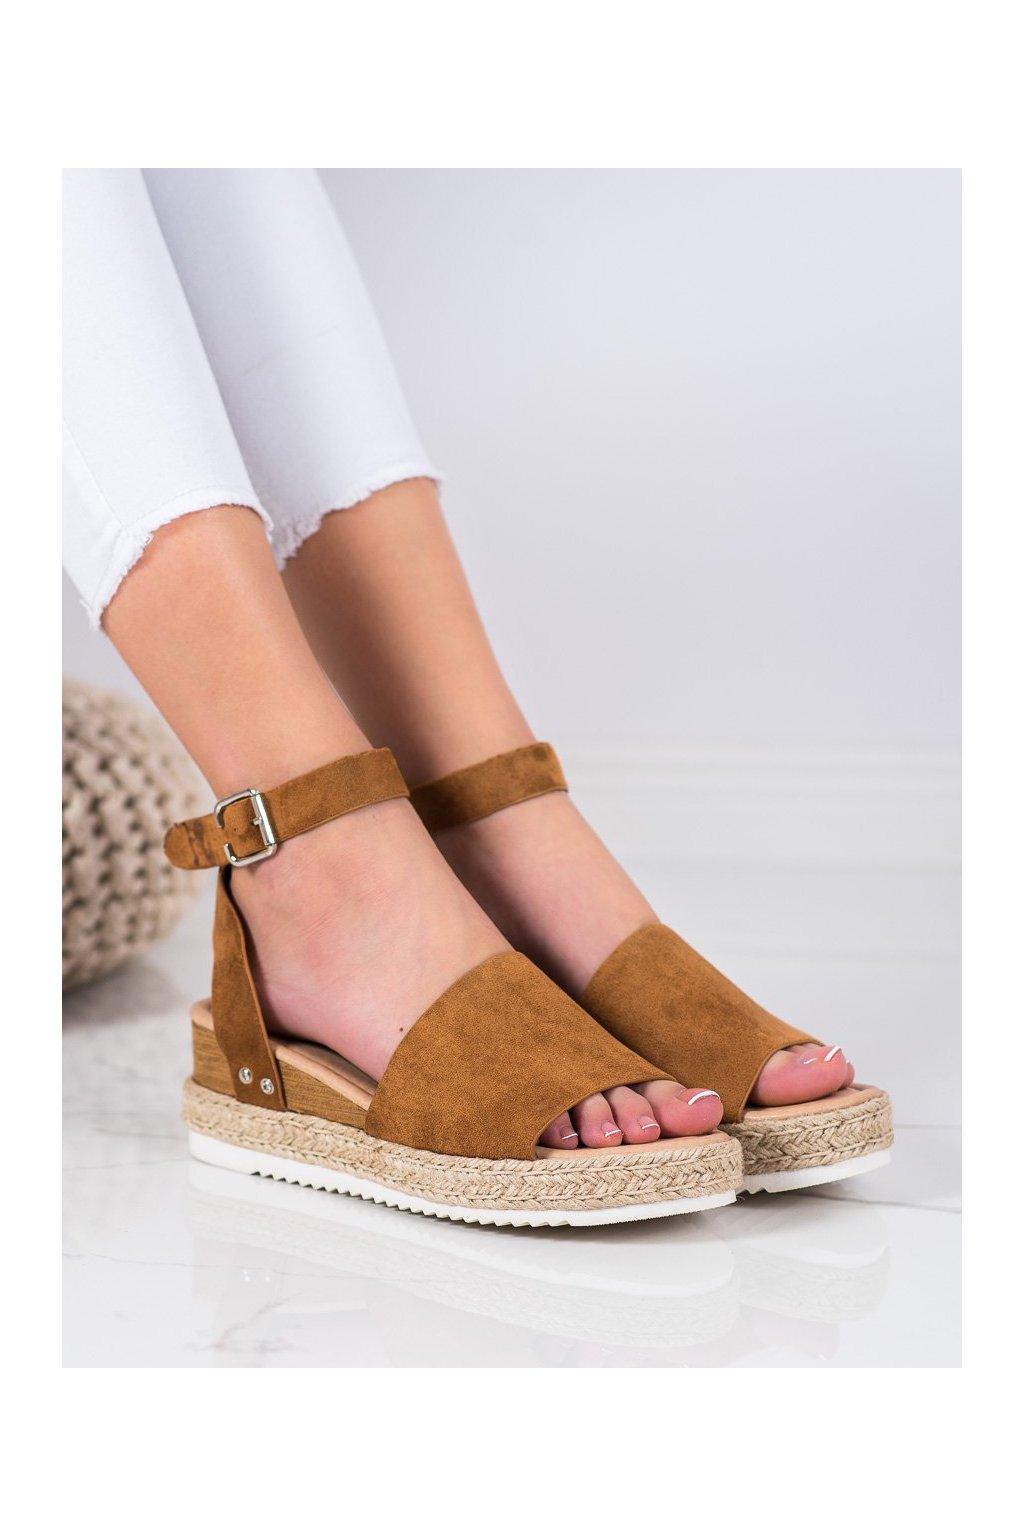 Hnedé sandále s plochou podrážkou na platforme Kylie kod K2013401CU